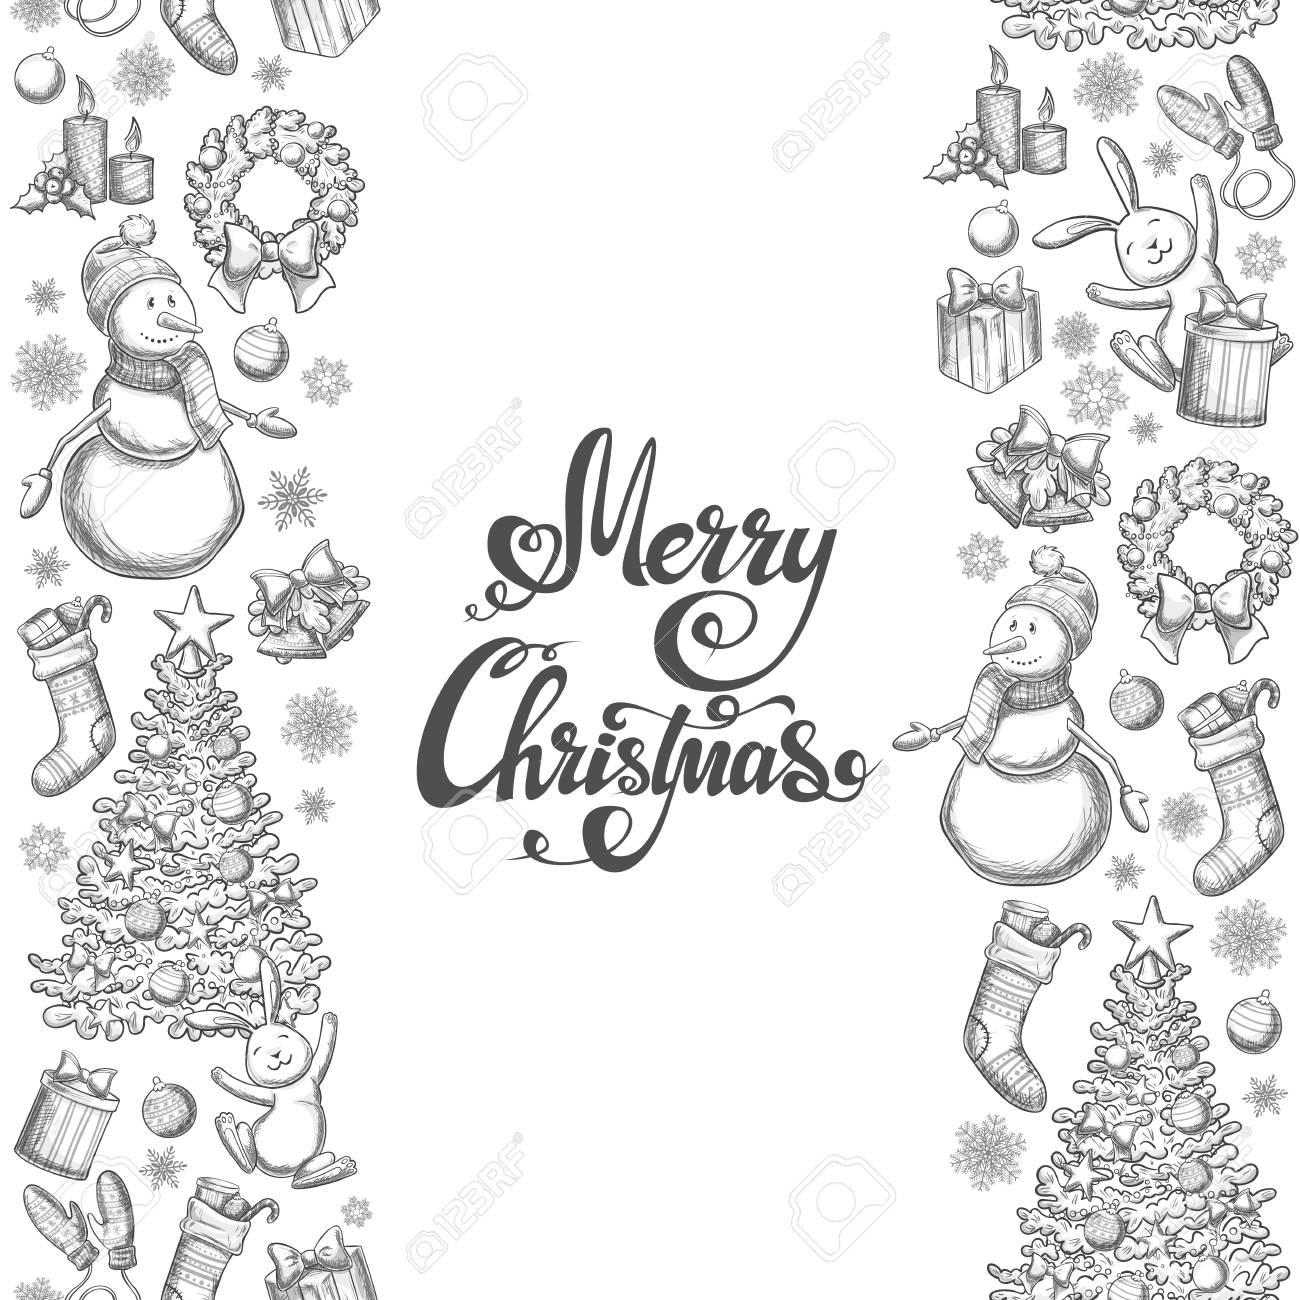 Vertikale Nahtlose Grenzen Mit Weihnachts-Icons. Monochrome Skizze ...